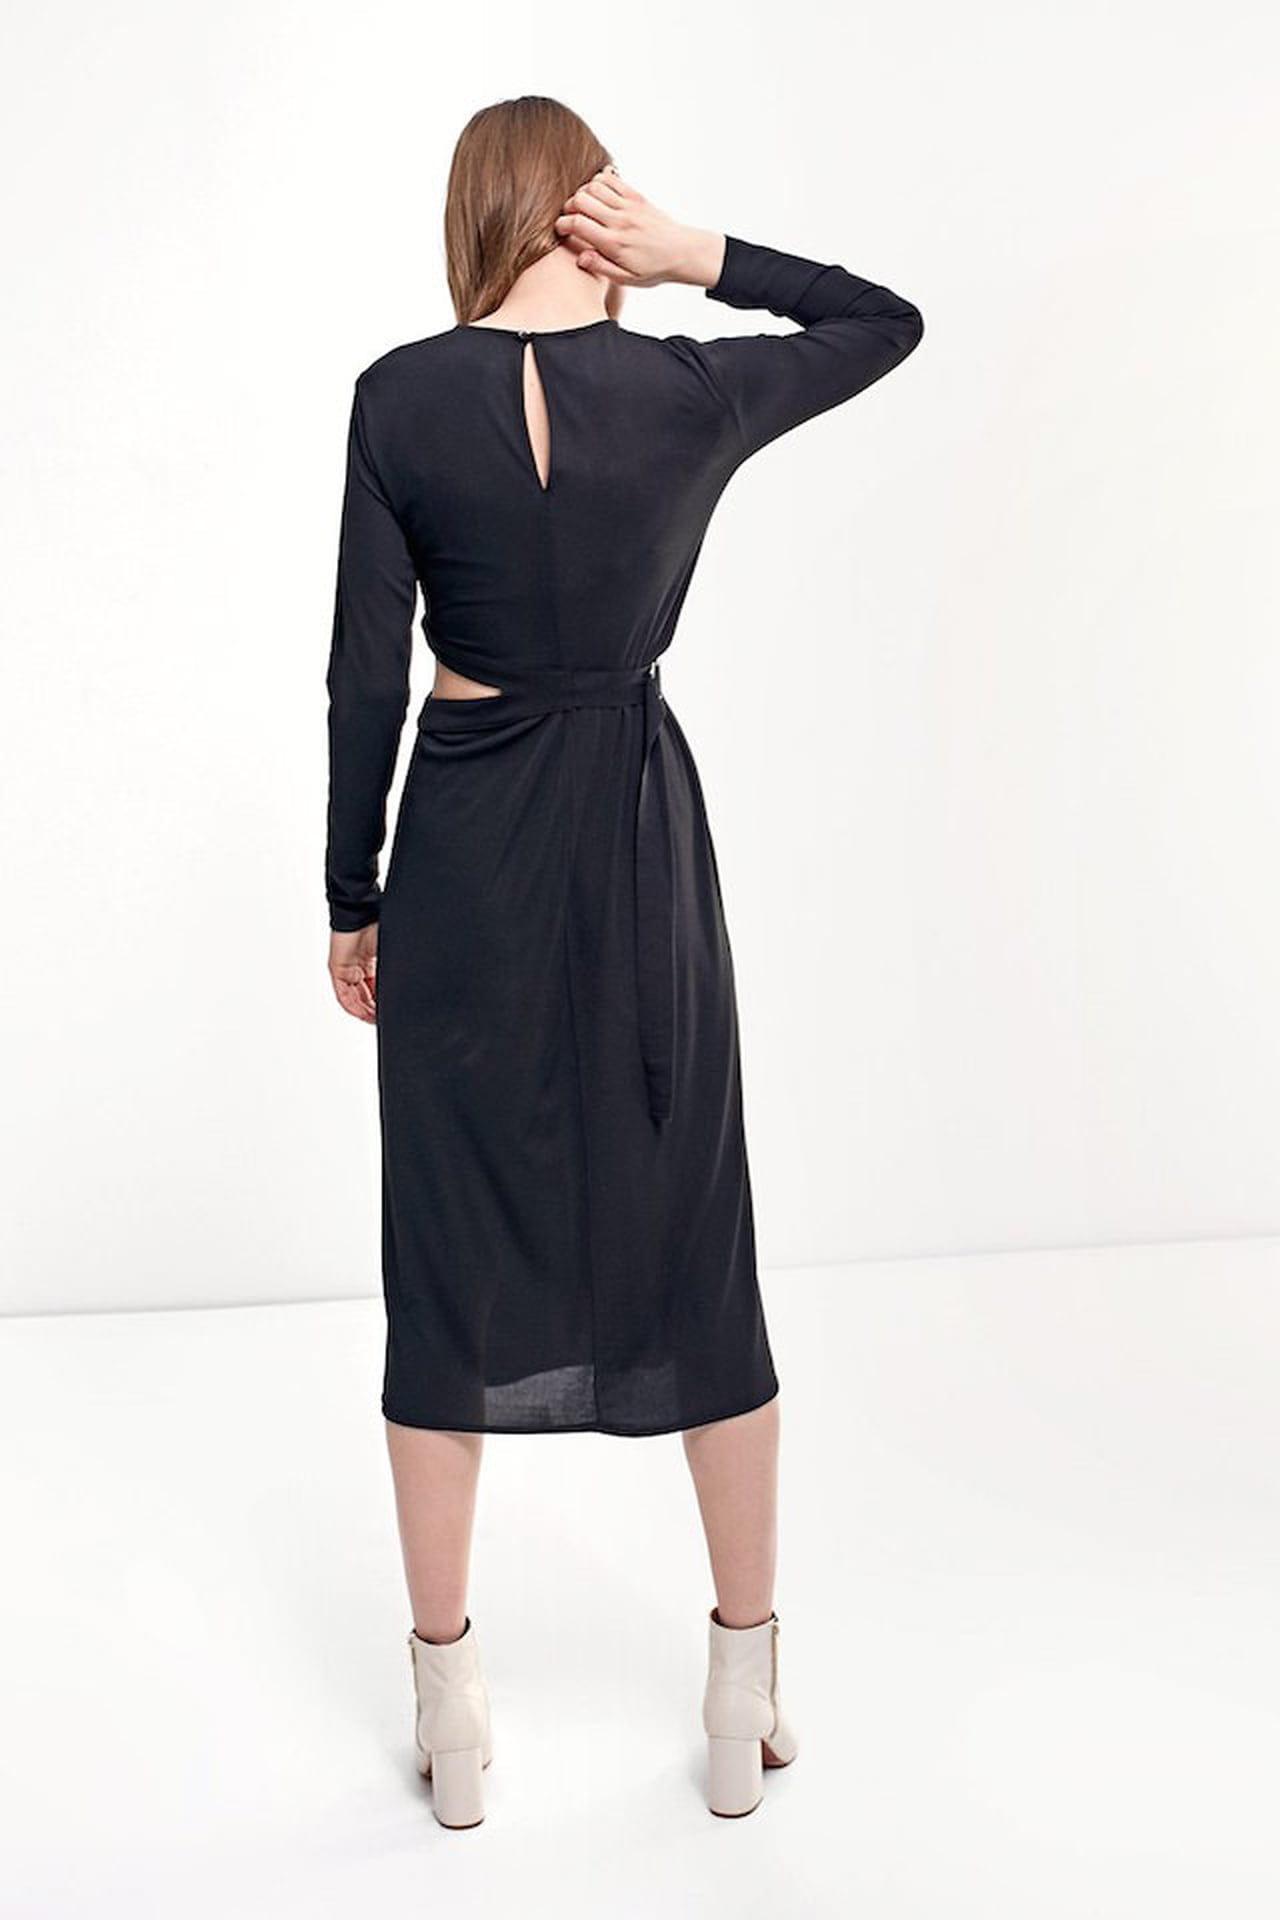 1c79337f9d56 Il vestito nero a palloncino di Stradivarius è total black e dalla  lunghezza midi. © Stradivarius